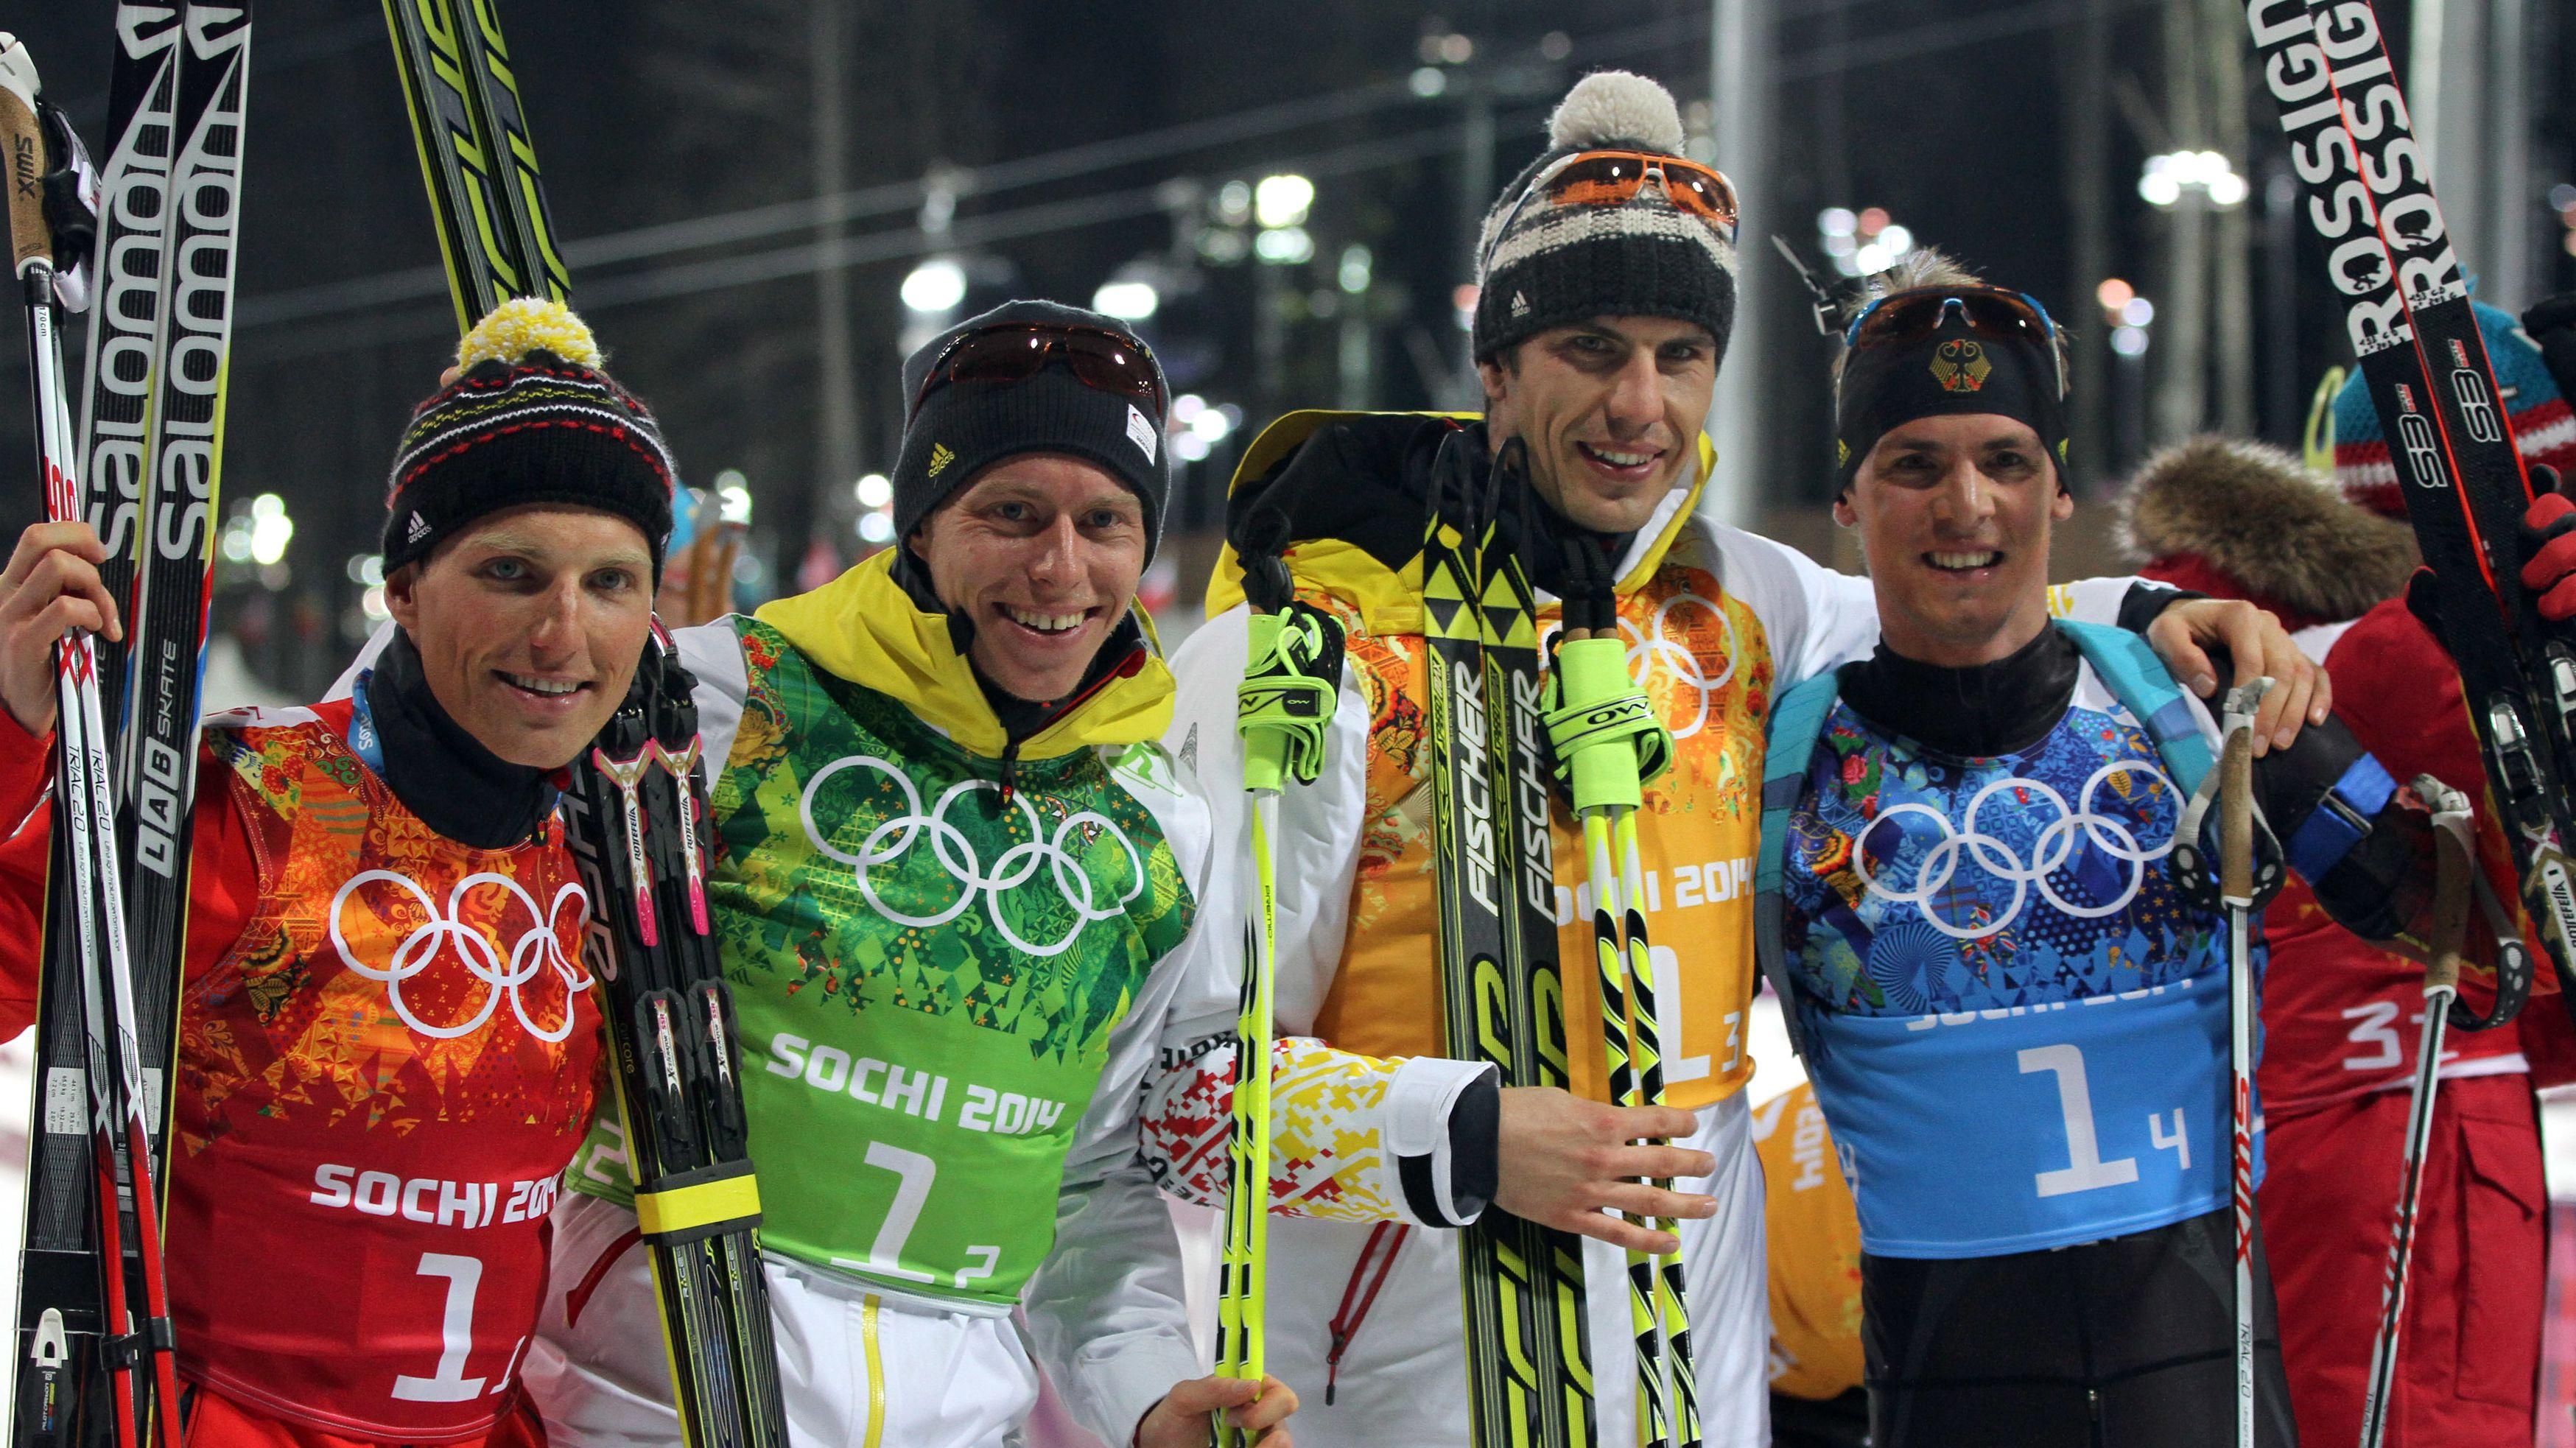 DSV-Staffel bei den Olympischen Spielen 2014 in Sotschi: Erik Lesser, Daniel Böhm, Arnd Peiffer und Simon Schempp.